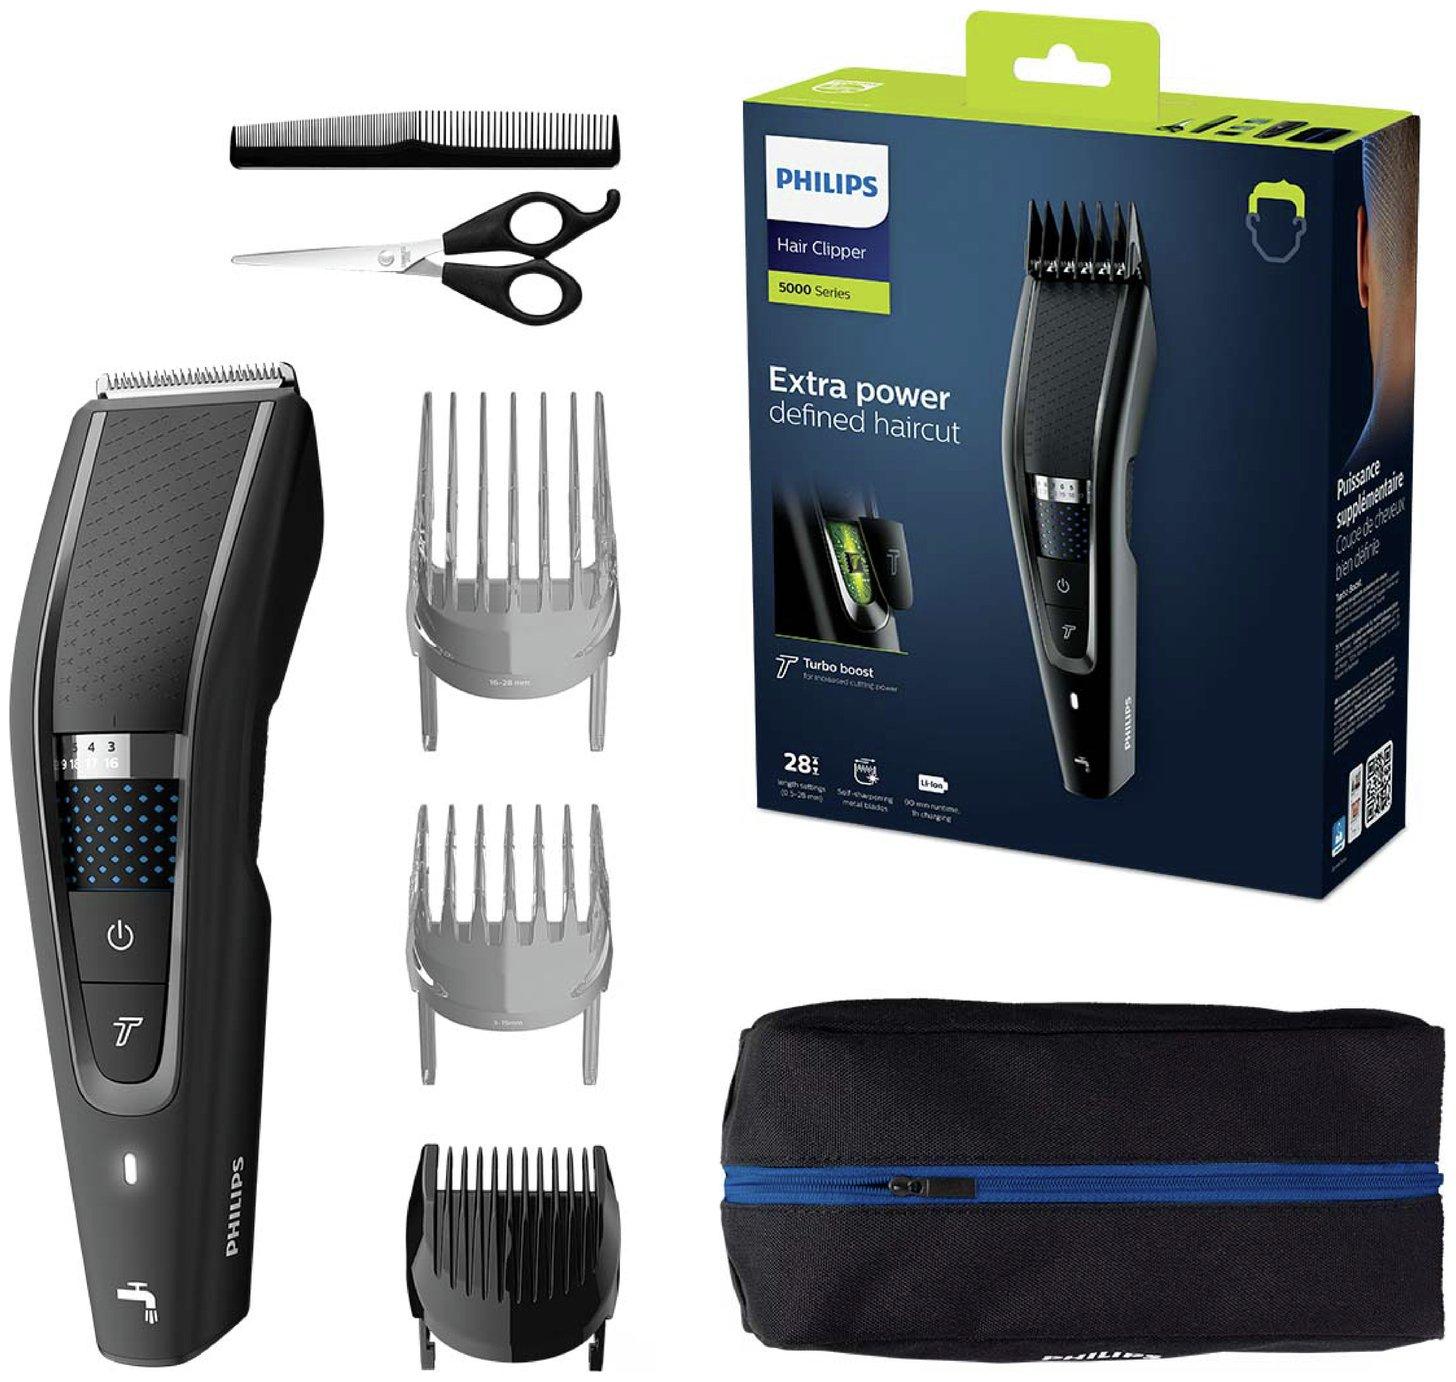 Philips HC5632/13 Hair Clipper